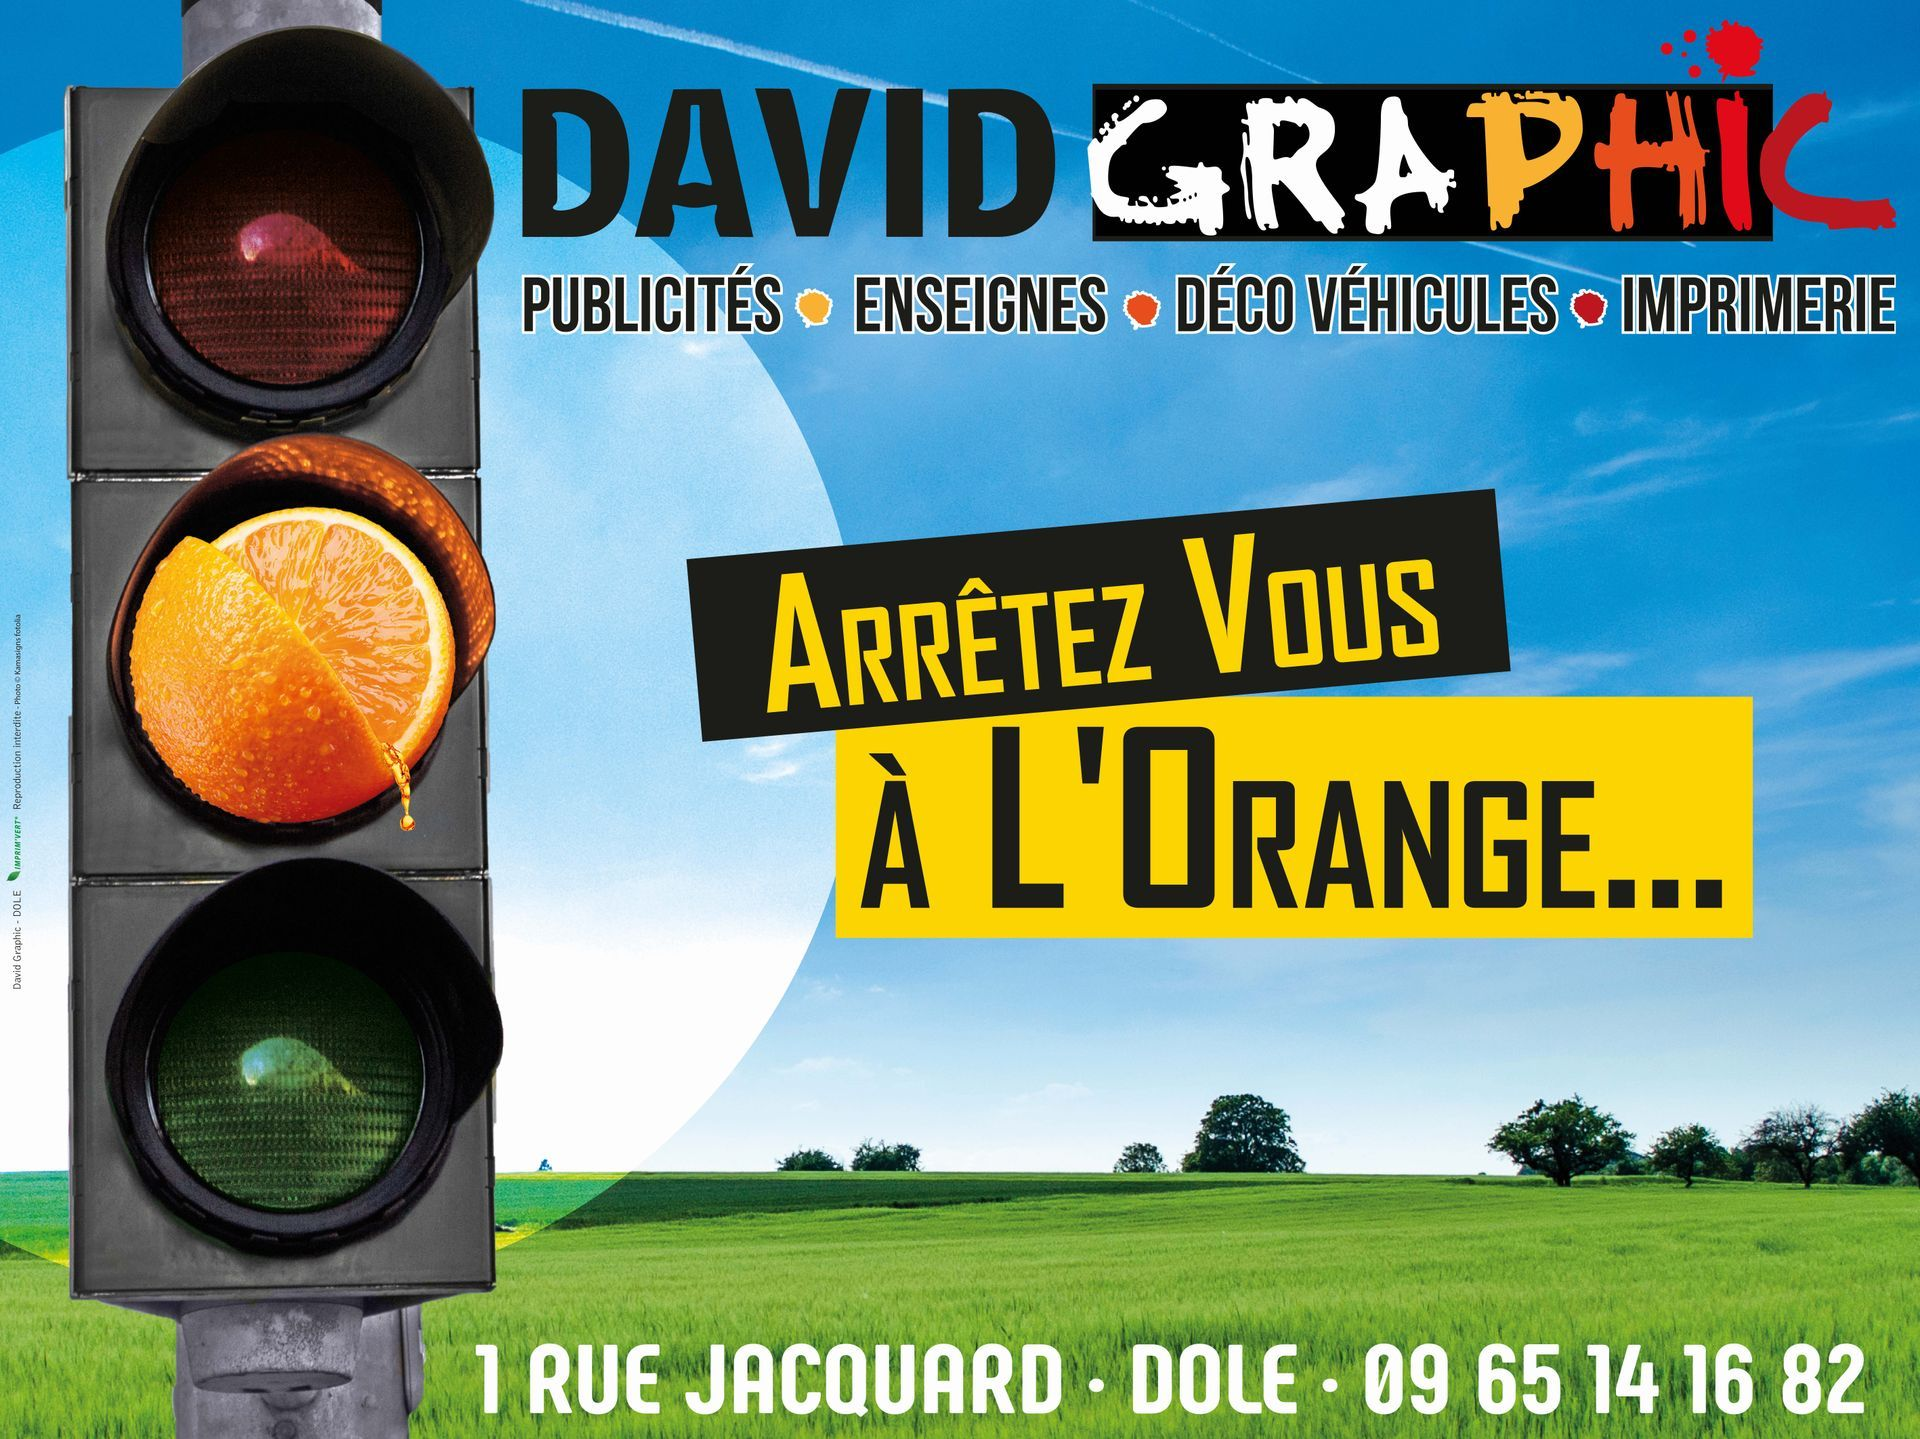 David Graphic agence et conseil en publicité